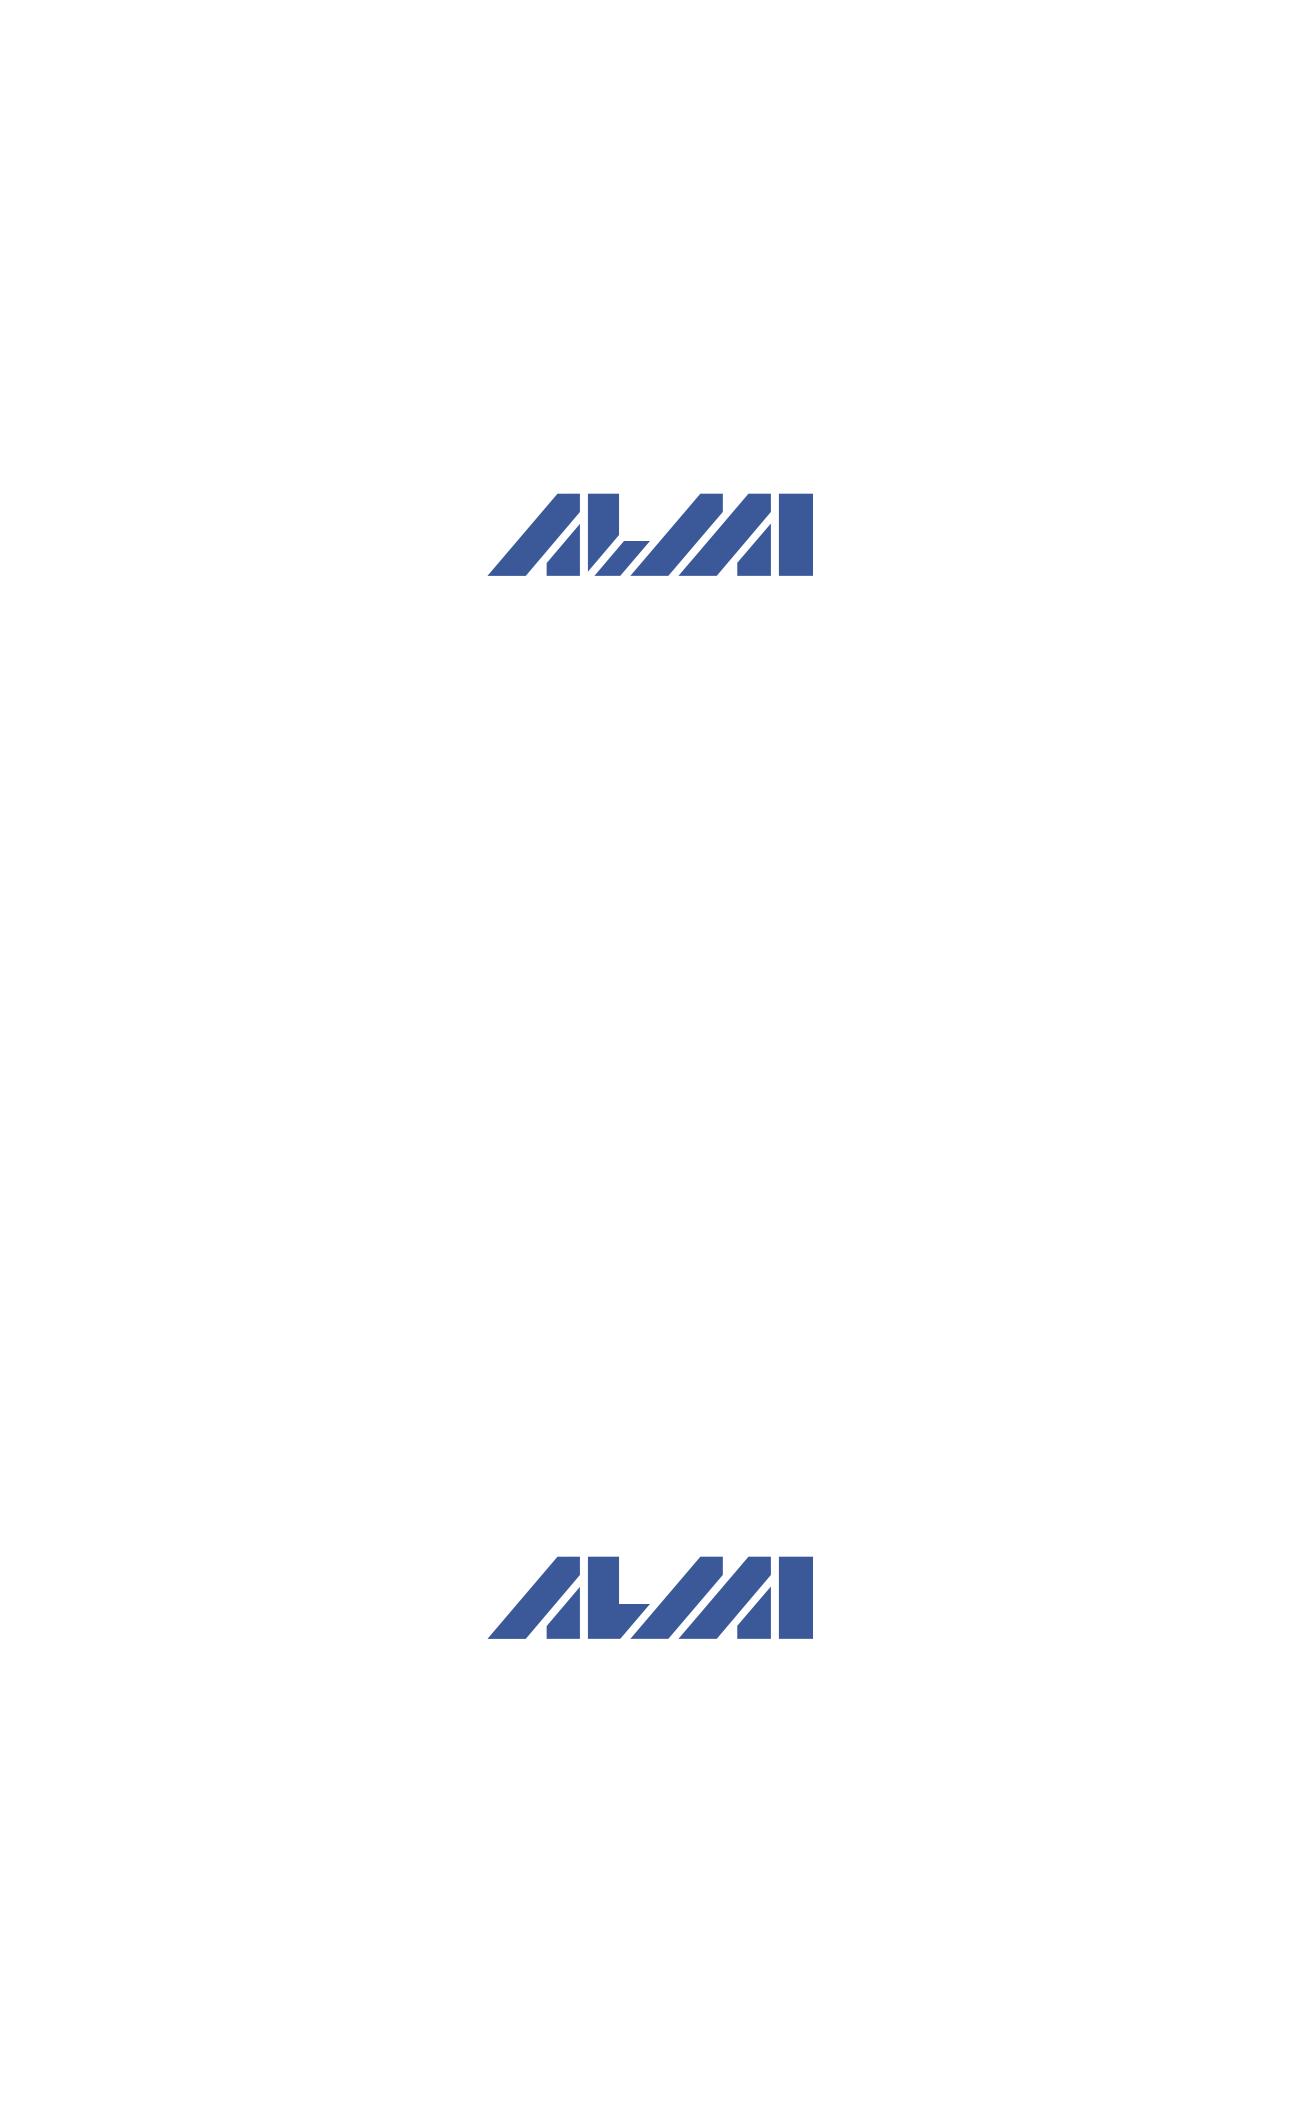 Разработка логотипа и фона фото f_5095995f39686e89.png